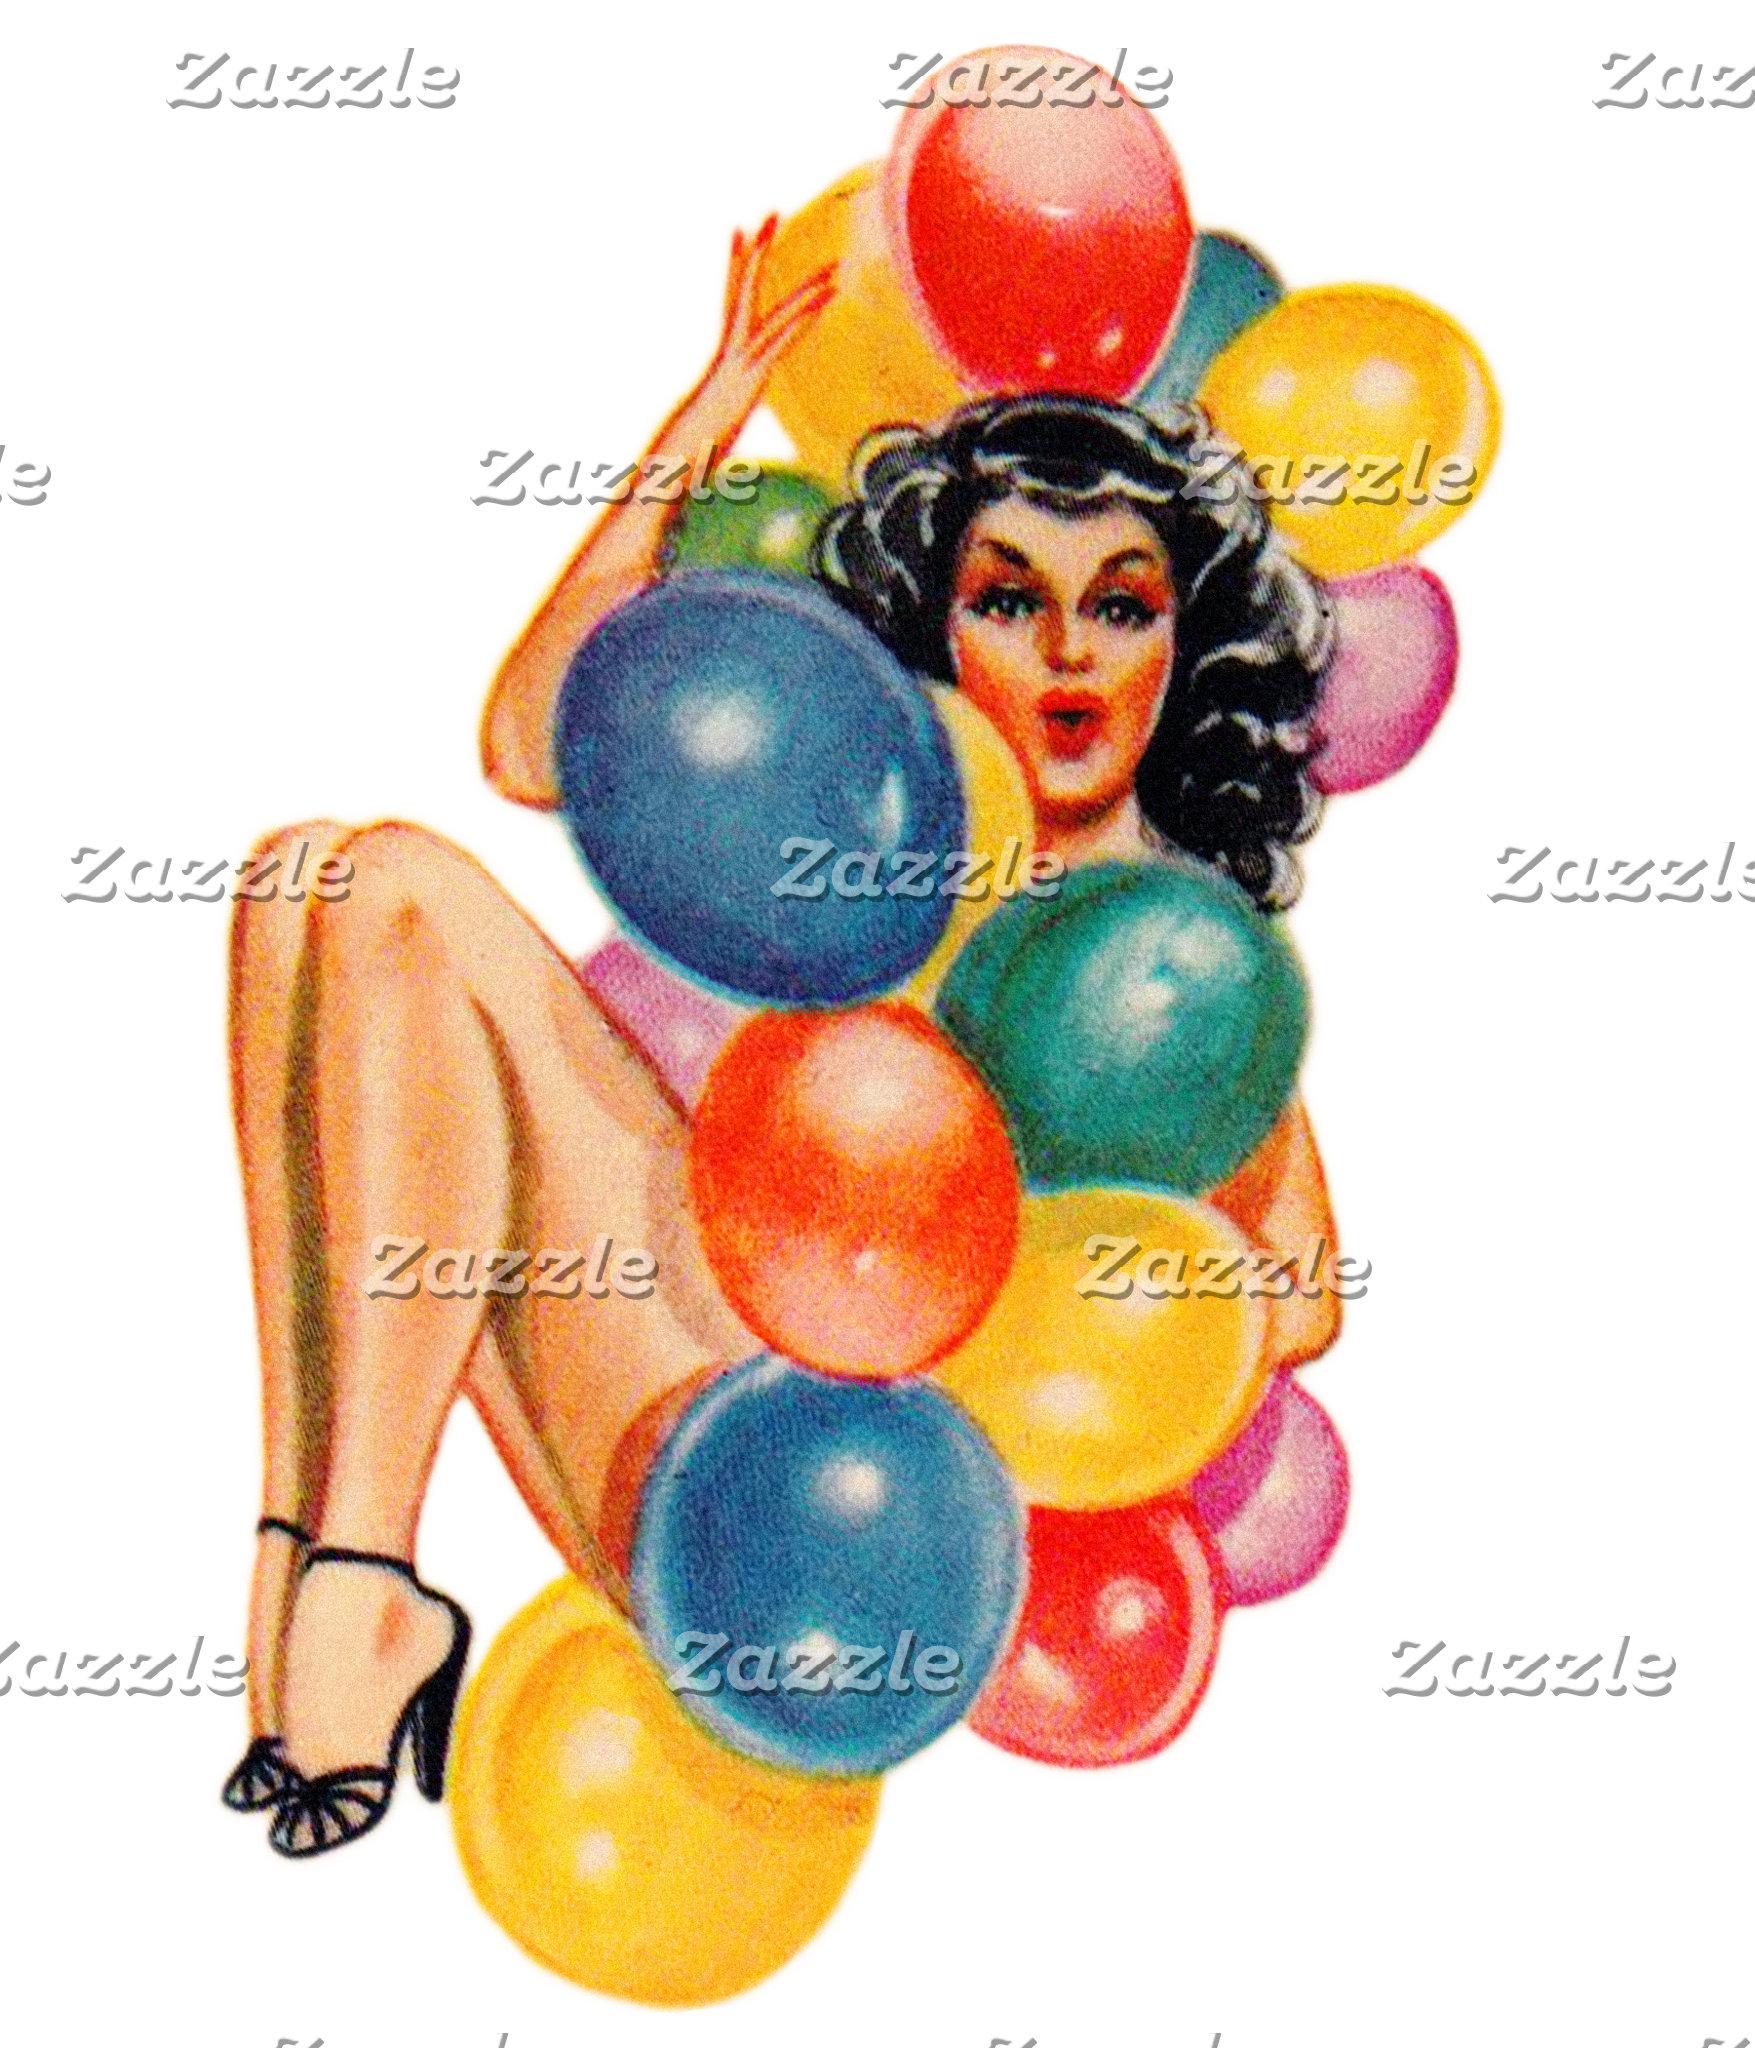 Balloons!